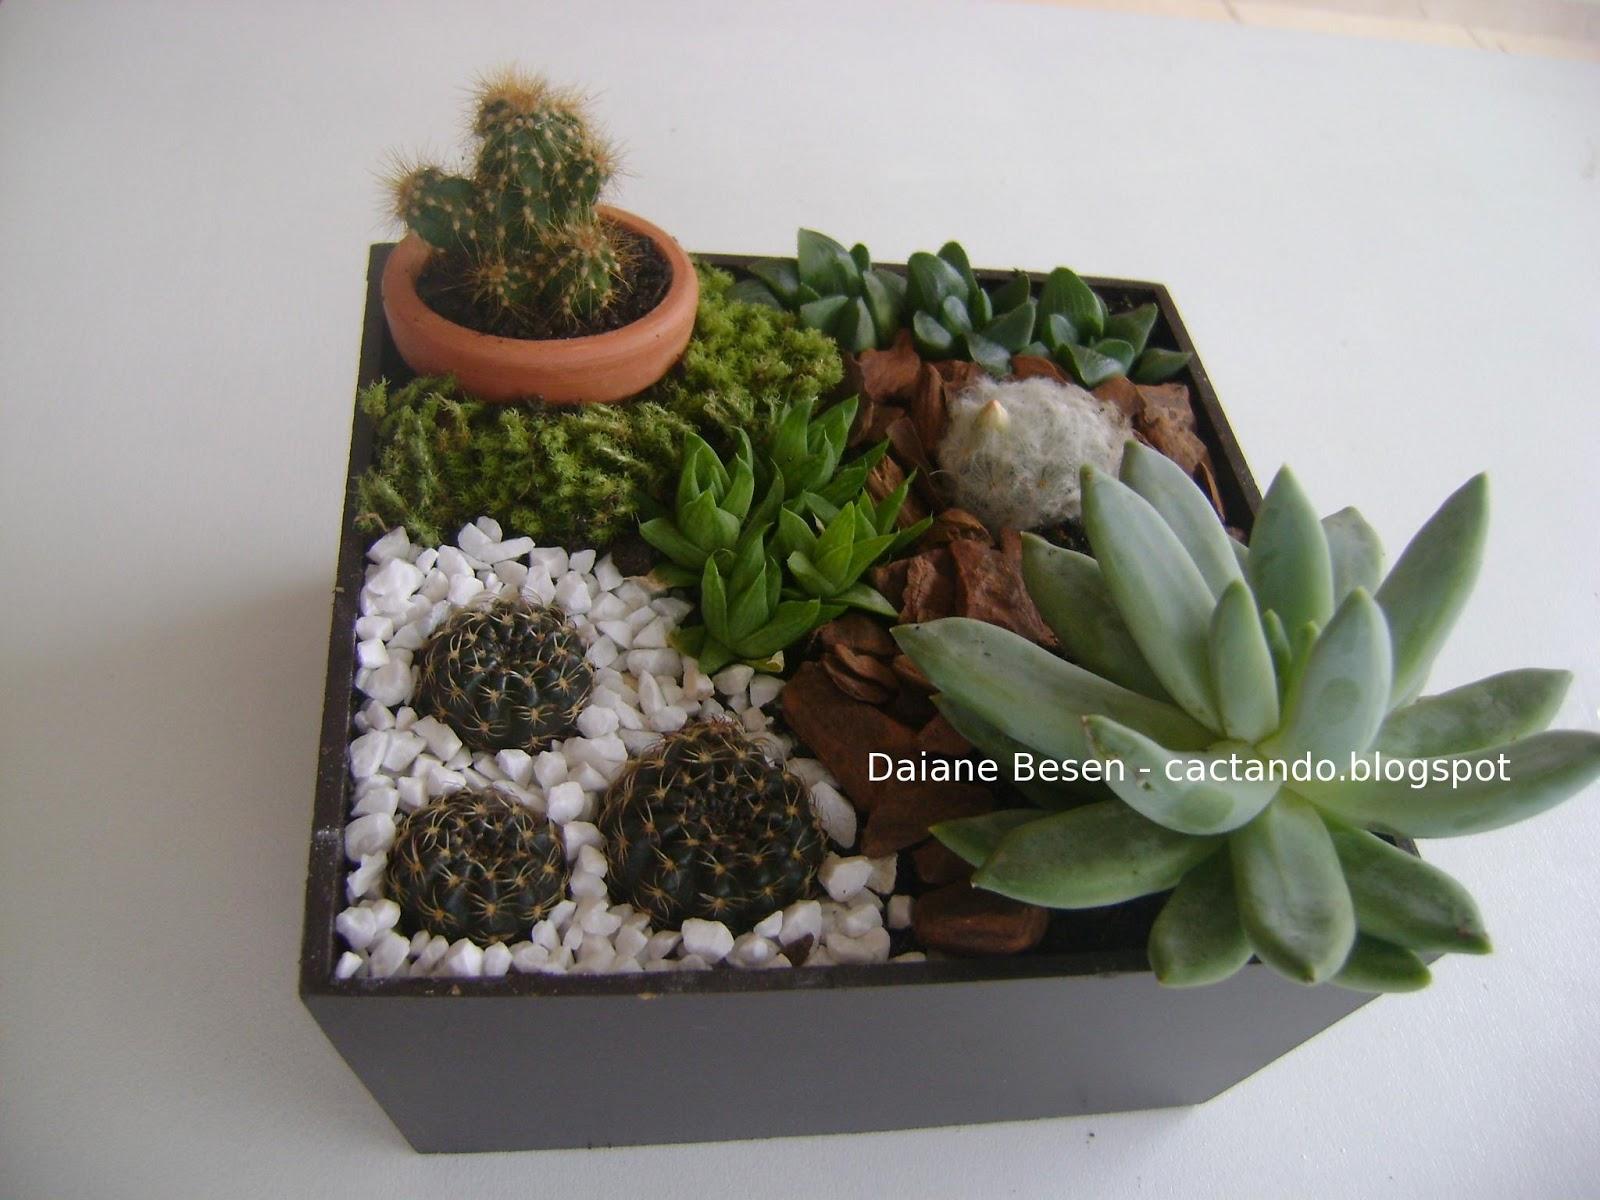 mini jardim de suculentas passo a passo : mini jardim de suculentas passo a passo:um botão de flor, e outro de espinhos amarelos dentro do vasinho de